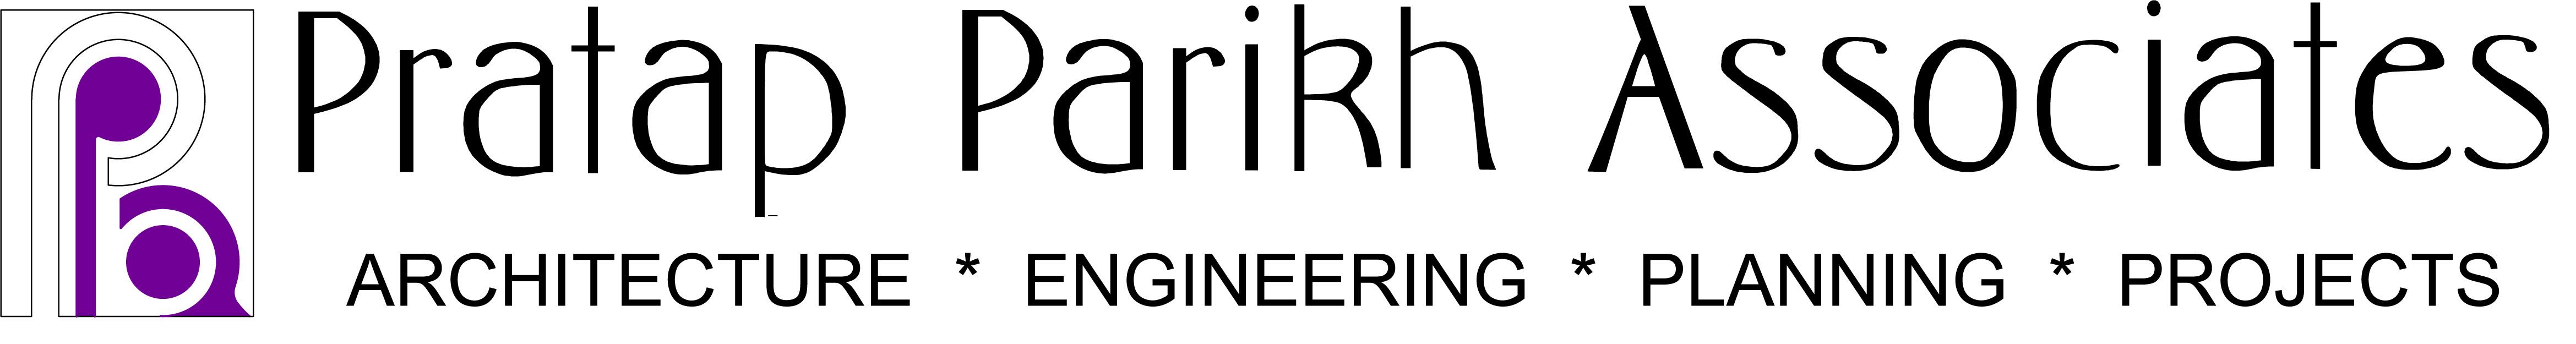 Pratap Parikh Associates